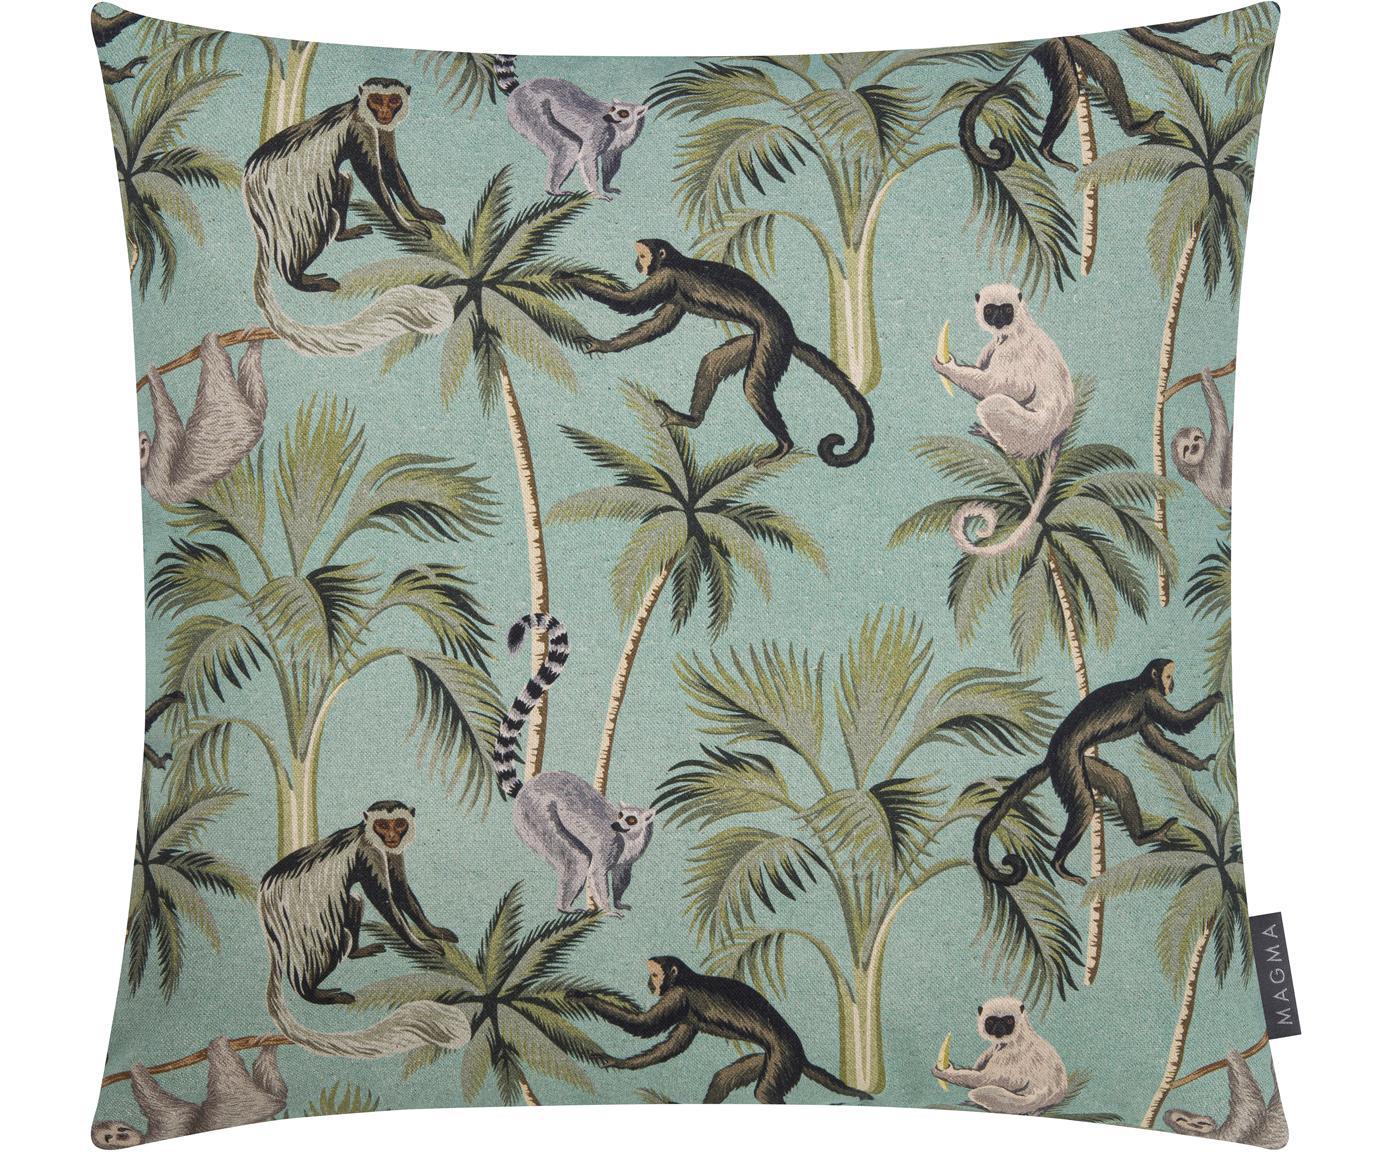 Dubbelzijdige kussenhoes Backwoods met tropische print, 85% katoen, 15% linnen, Groen, bruin, beige, 50 x 50 cm